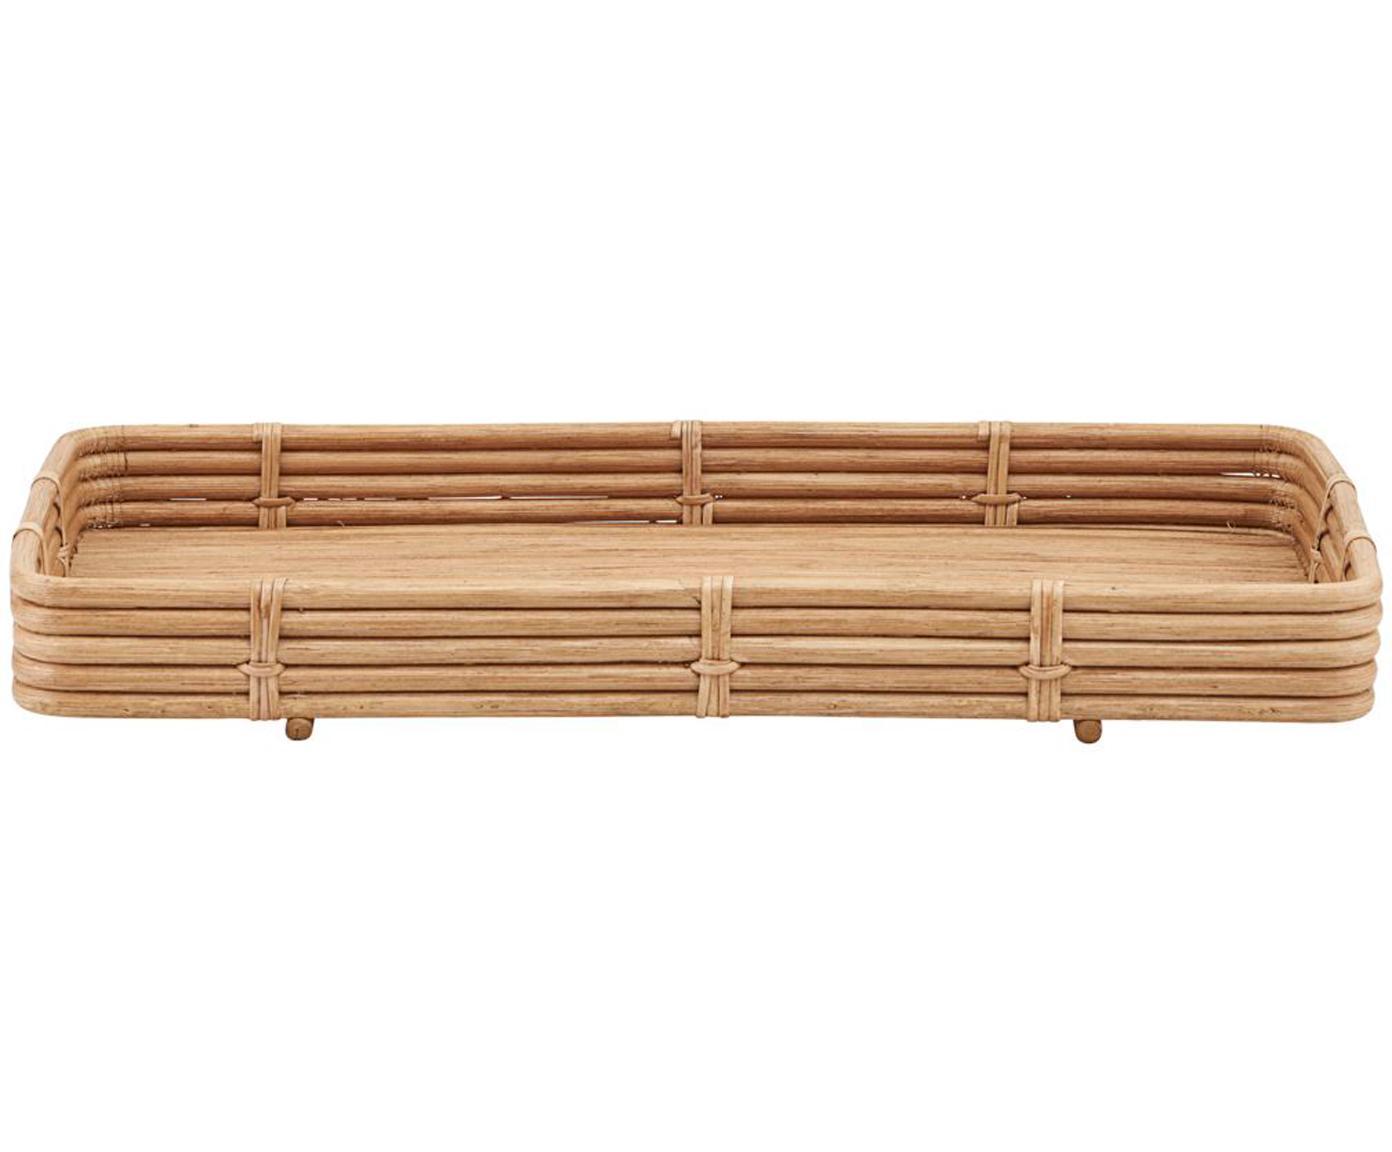 Handgefertigtes Rattan-Tablett Orga, Rattan, Rattan, B 52 x T 30 cm